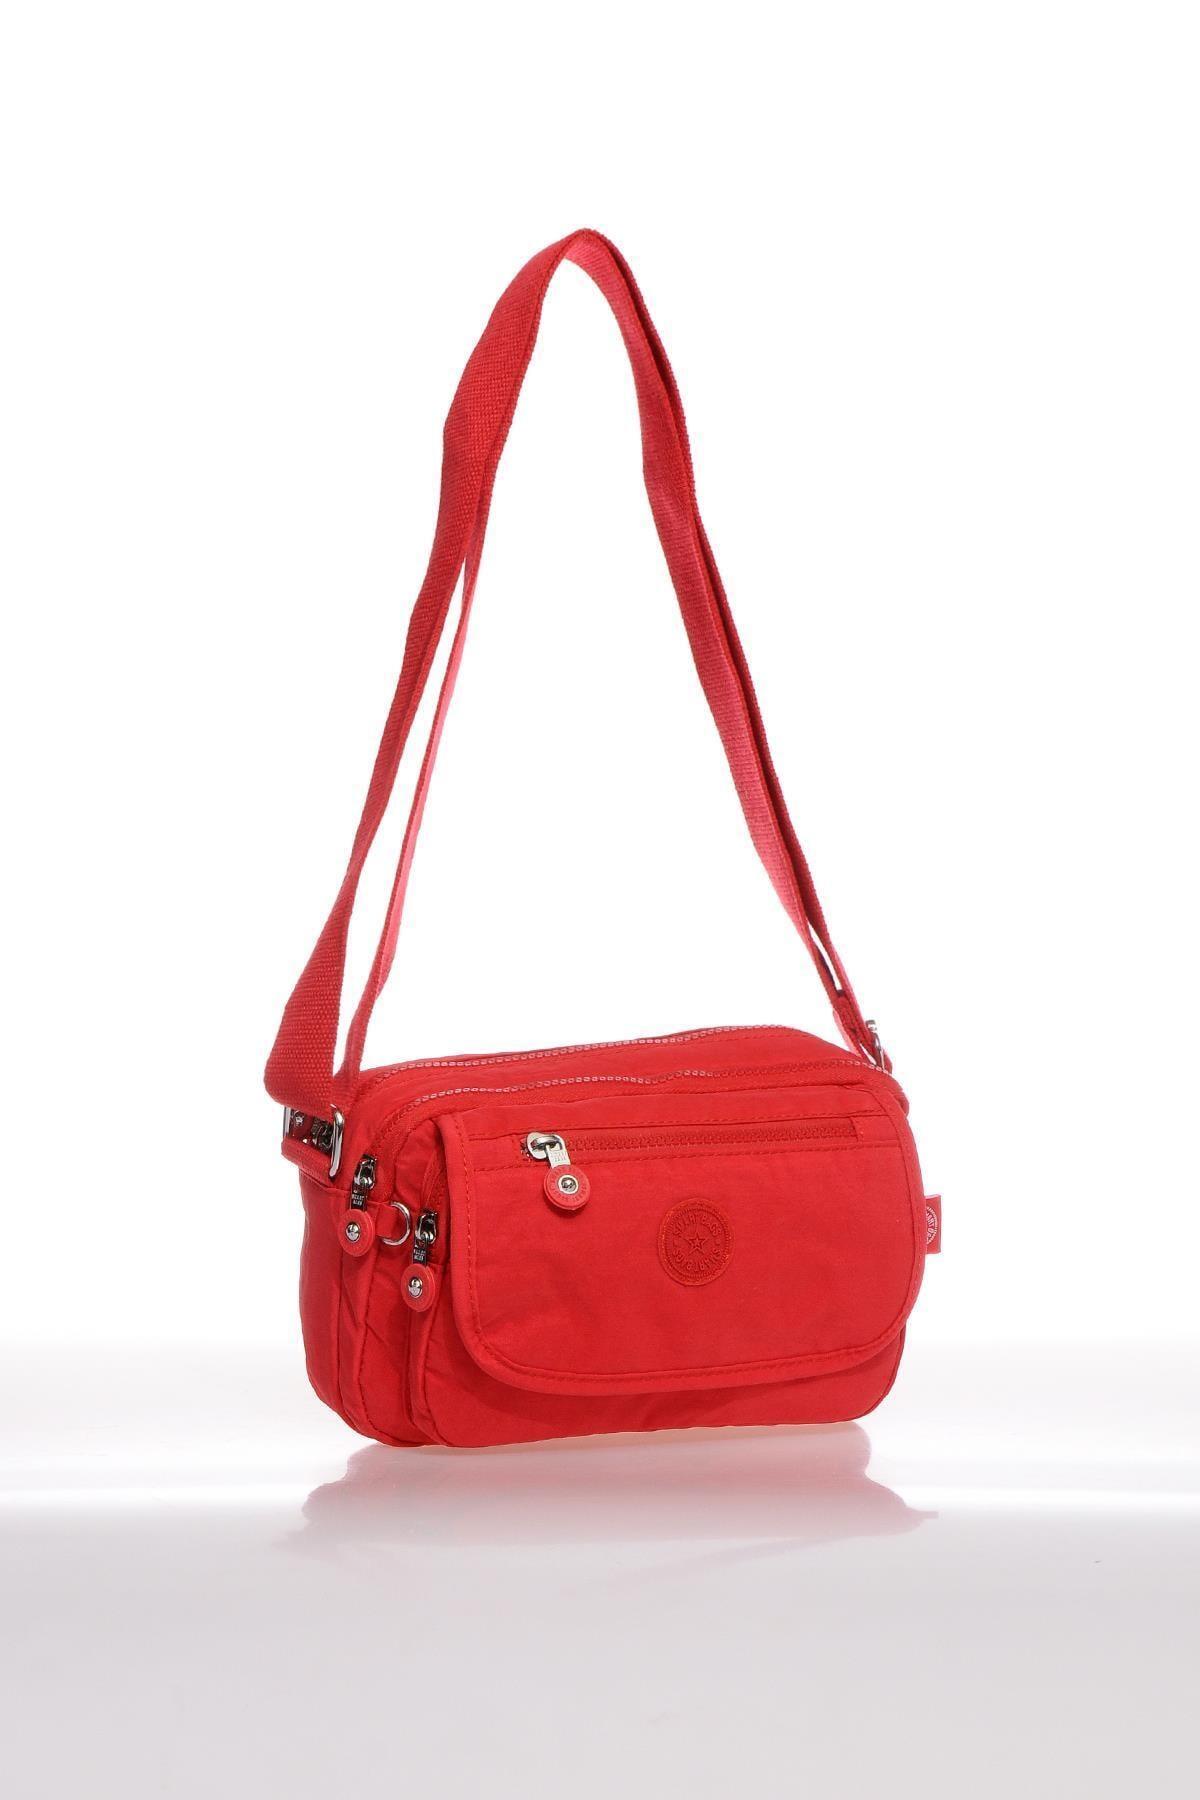 SMART BAGS Kadın Kırmızı Çapraz Çanta 2